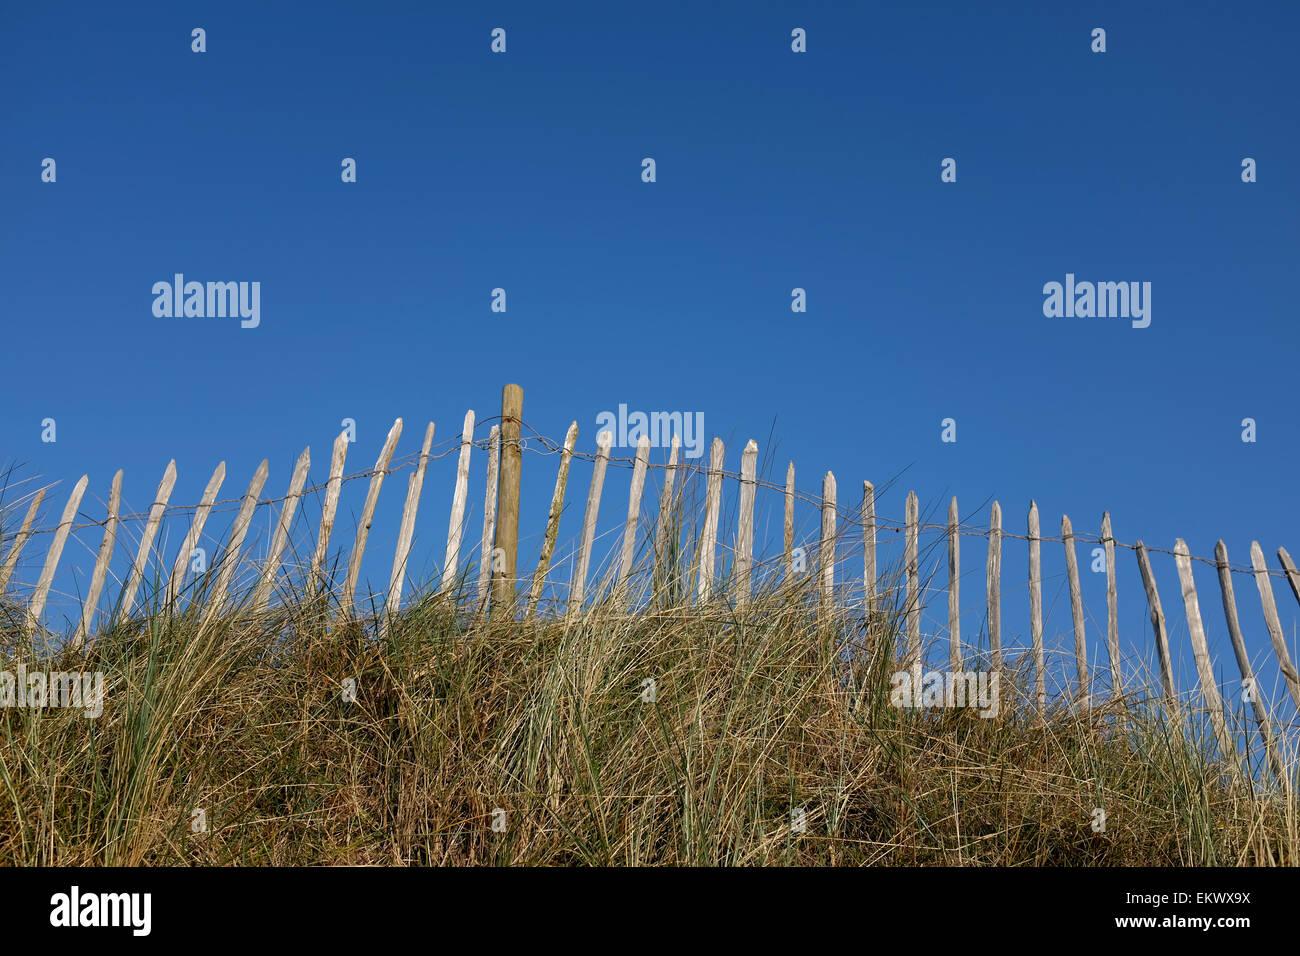 Holzzaun mit einem blauen Himmel und langen Rasen Stockbild